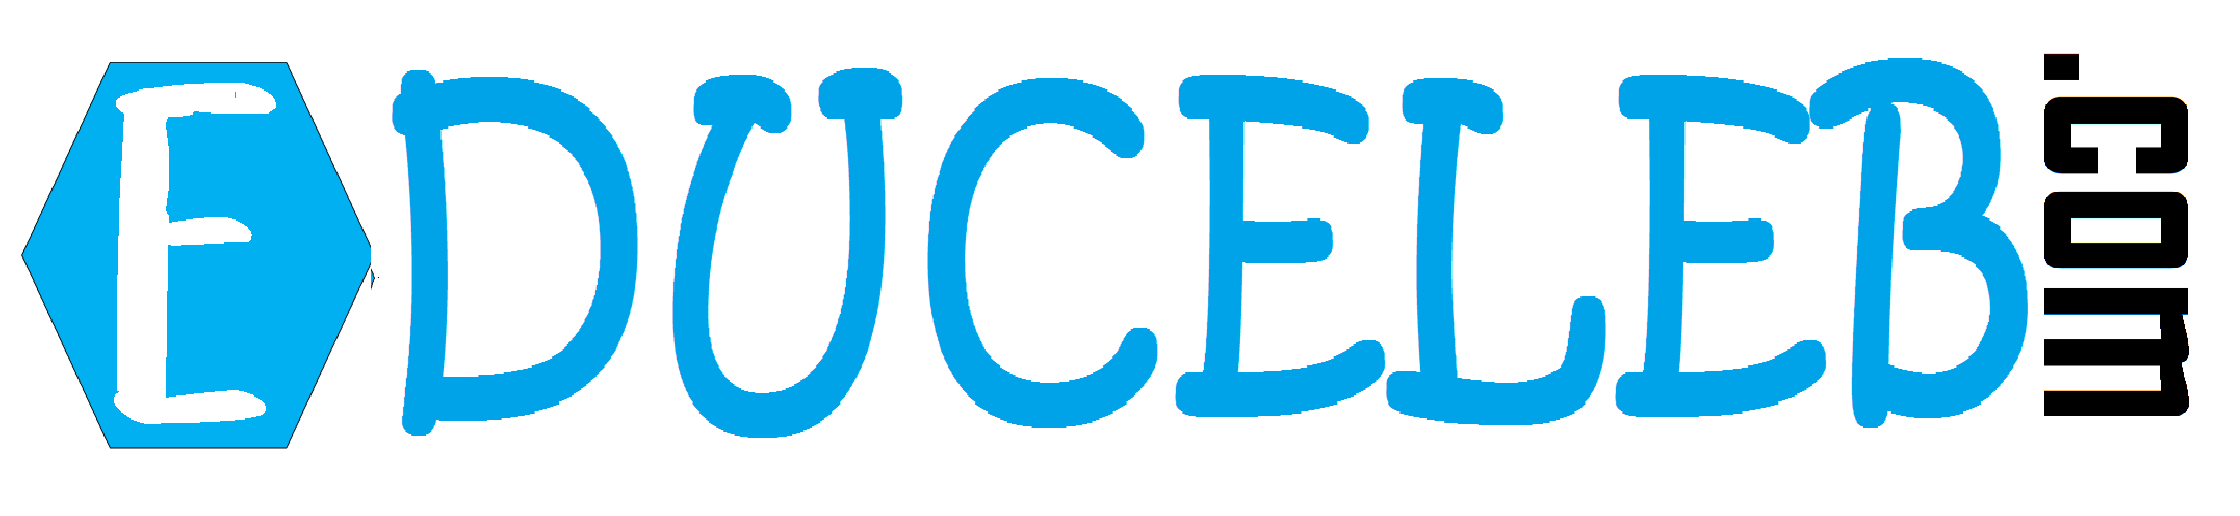 EduCeleb